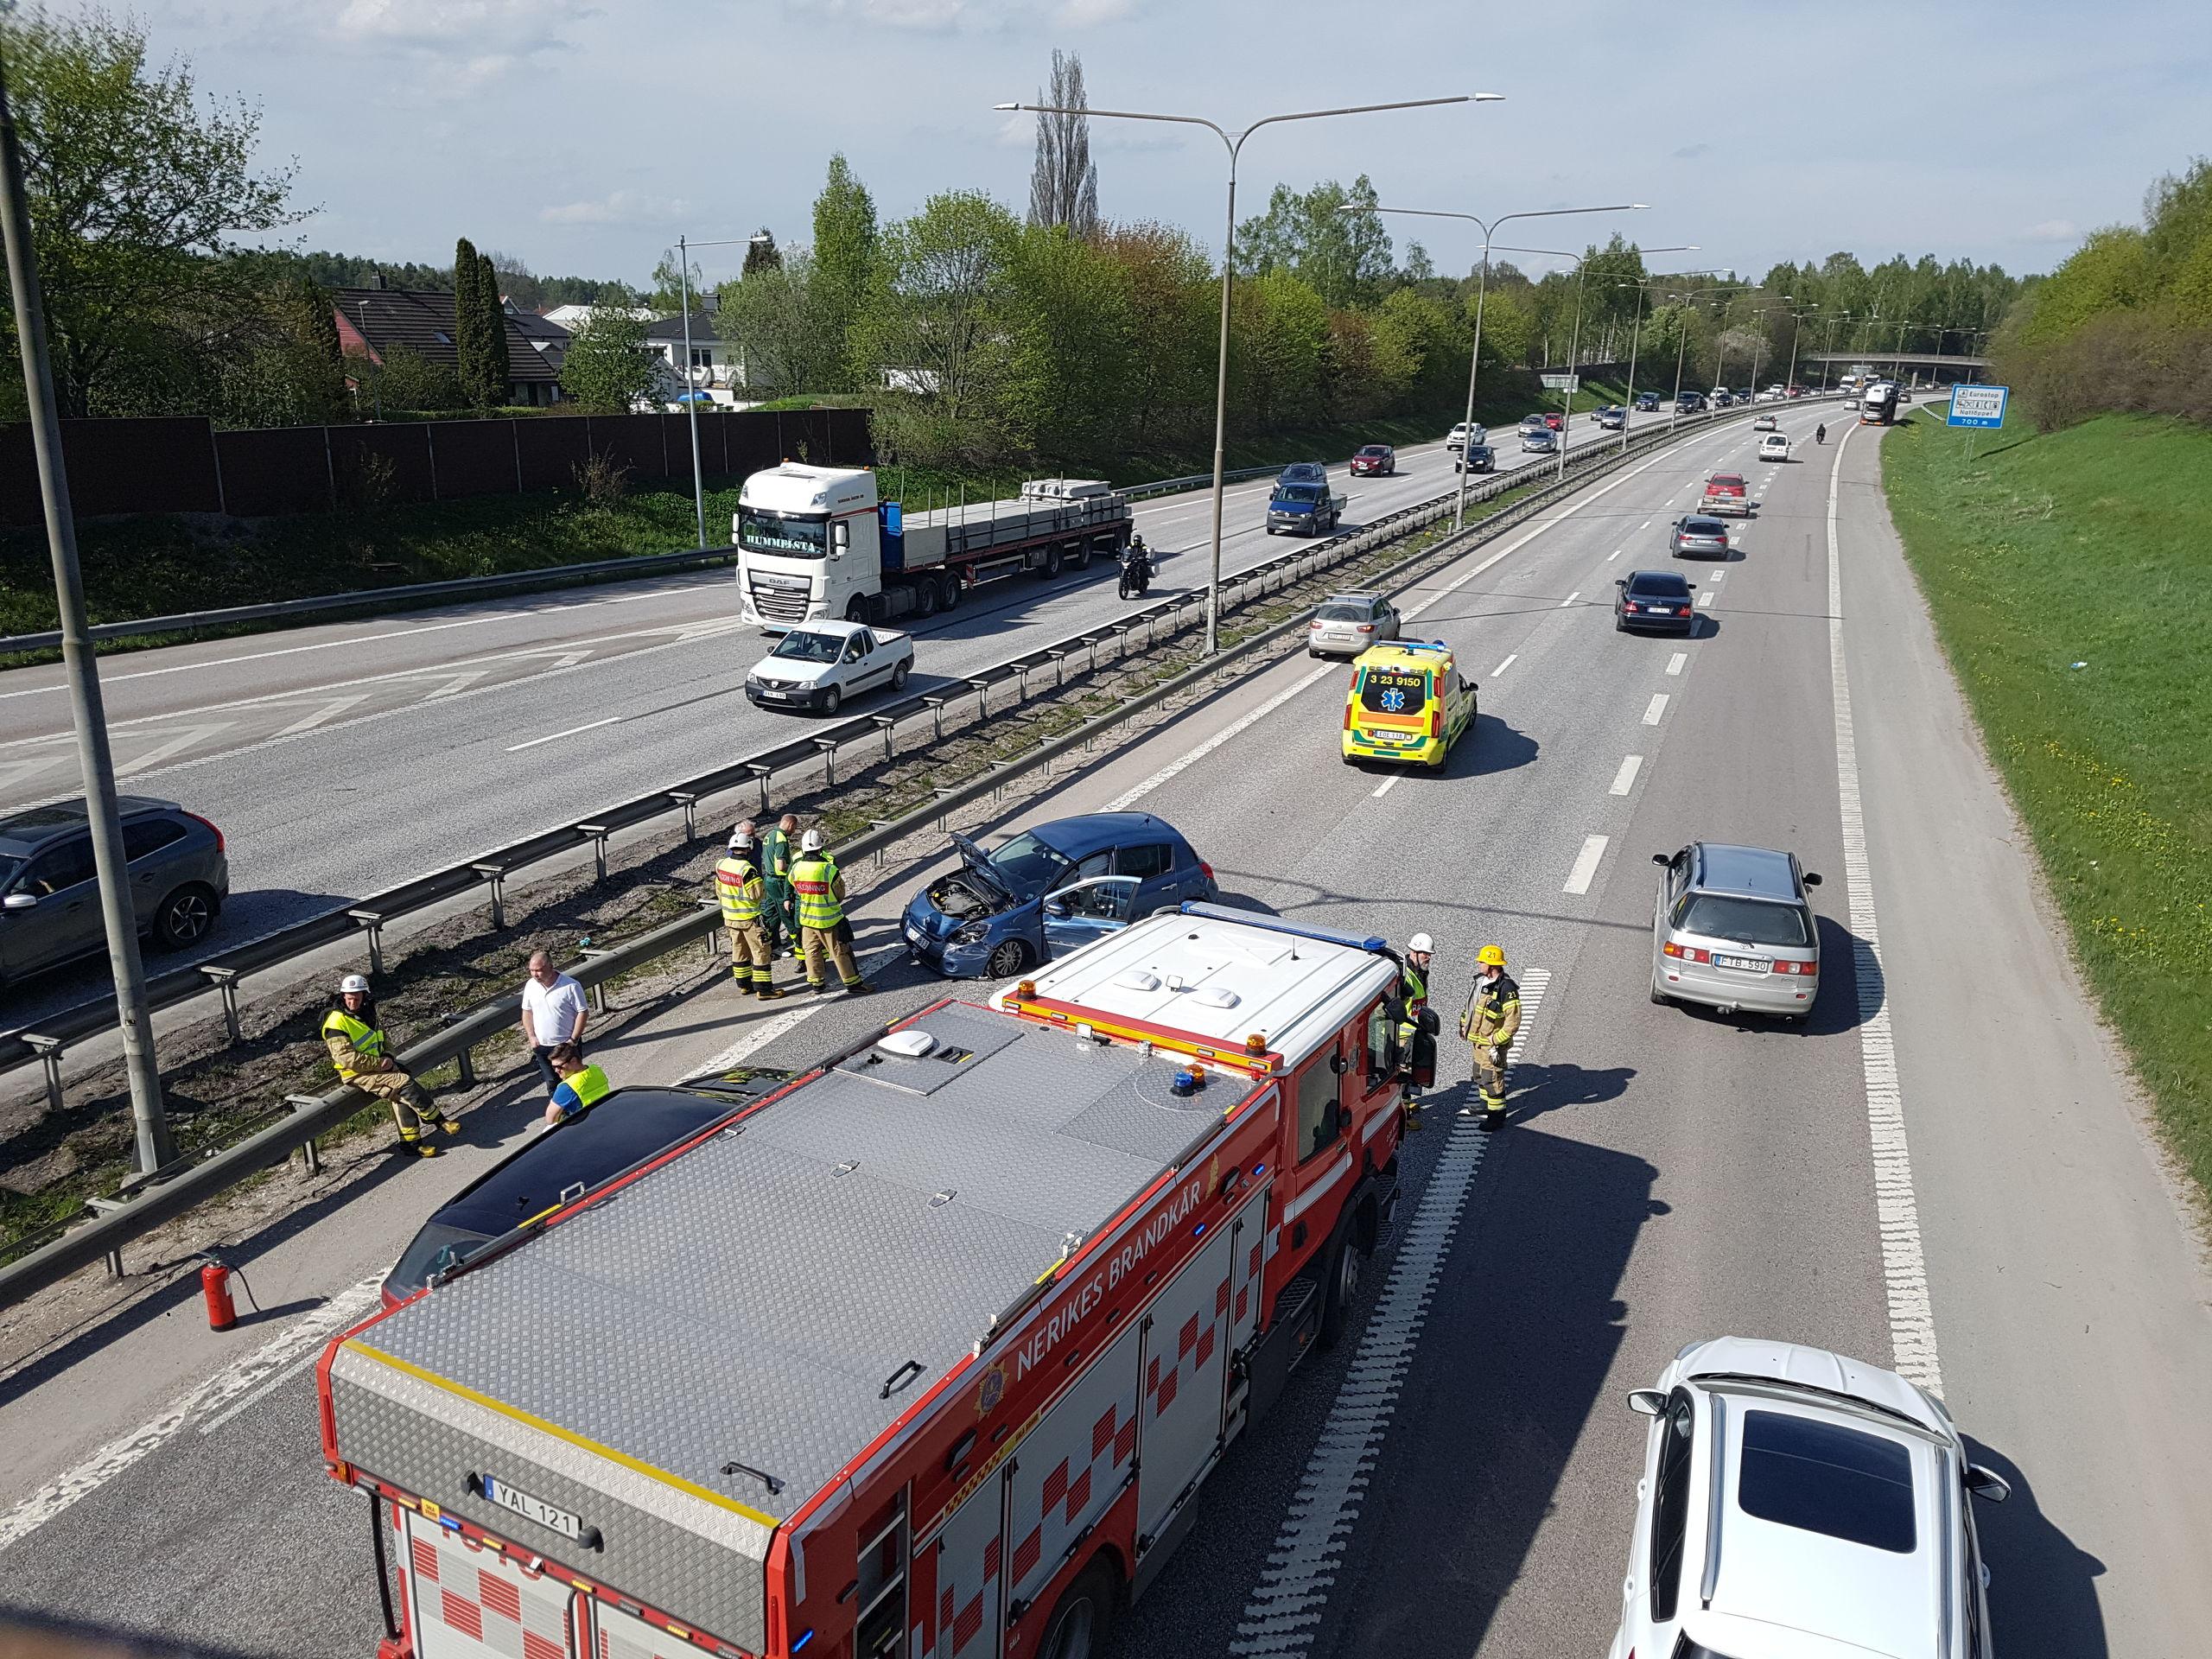 Personbil i olycka pa e20